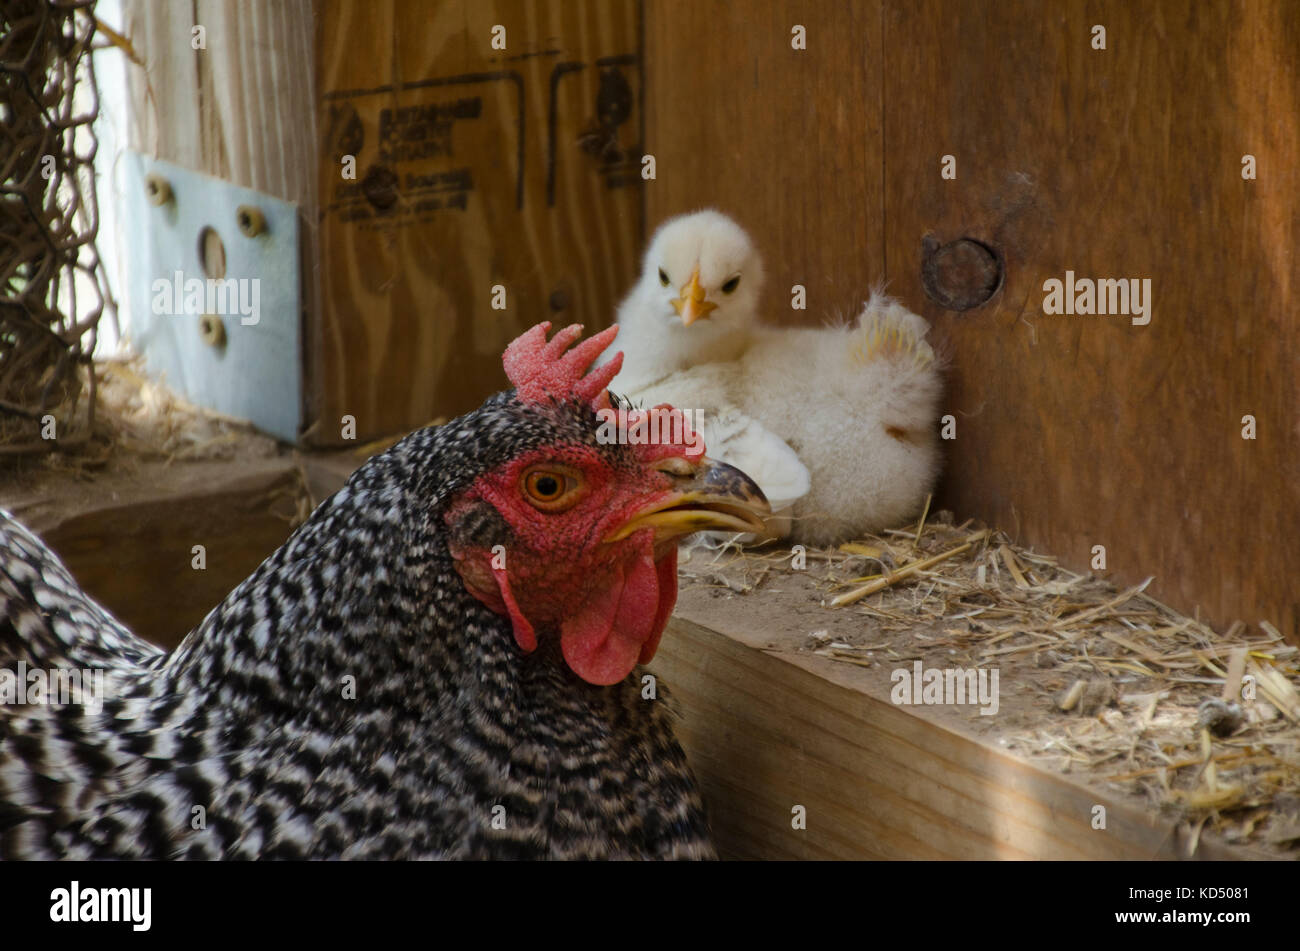 In bianco e nero di pollo madre Plymouth Rock con pulcino giallo in coop, Maine, Stati Uniti d'America Immagini Stock